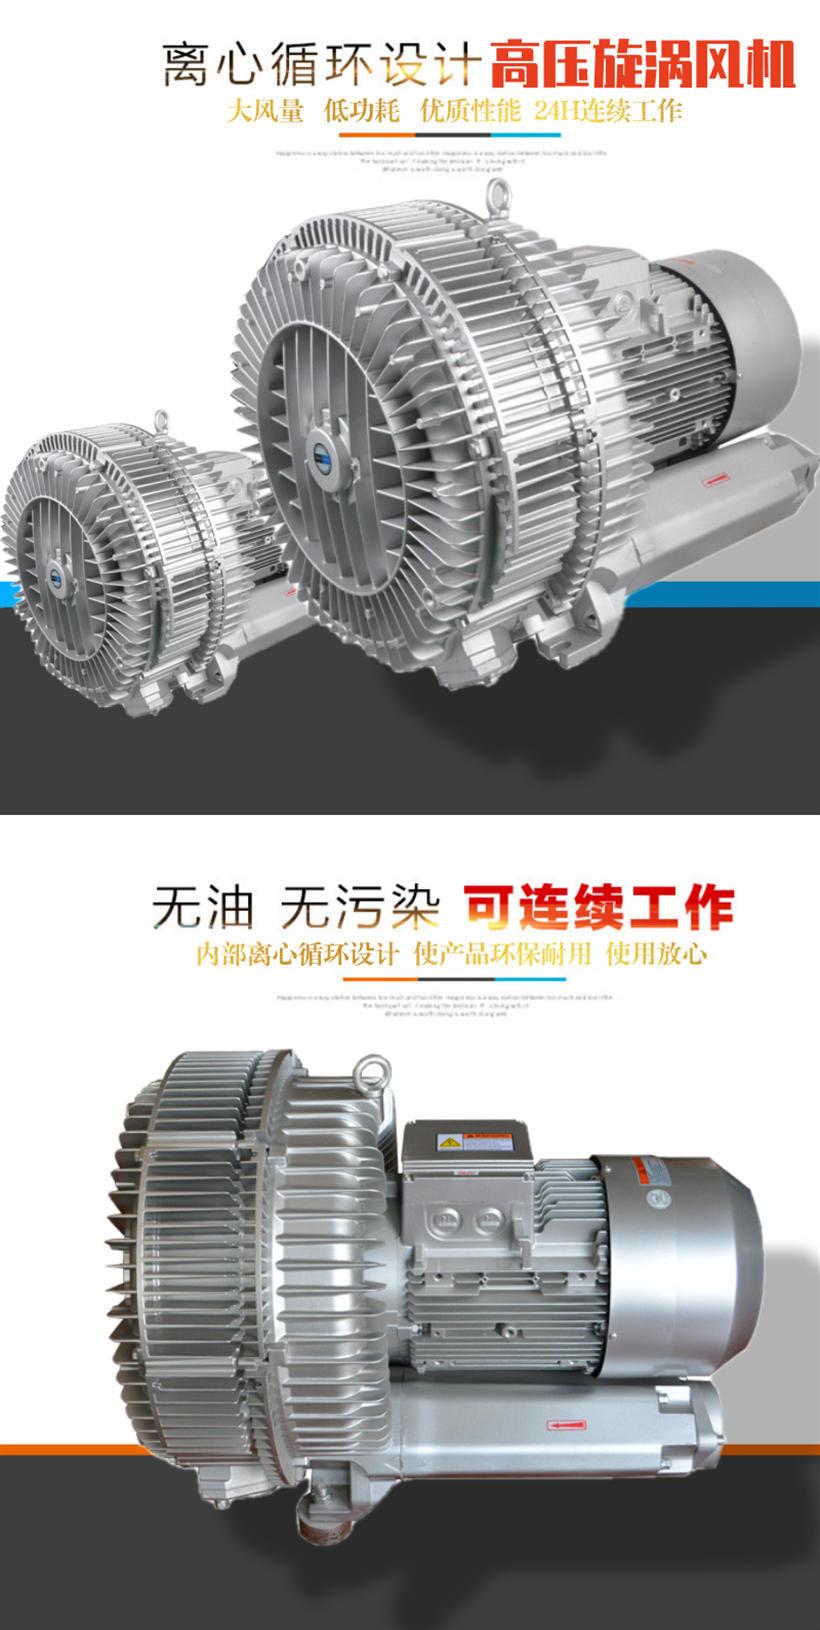 全风高压风机380v高压旋涡风机工业吸尘增氧气泵示例图5